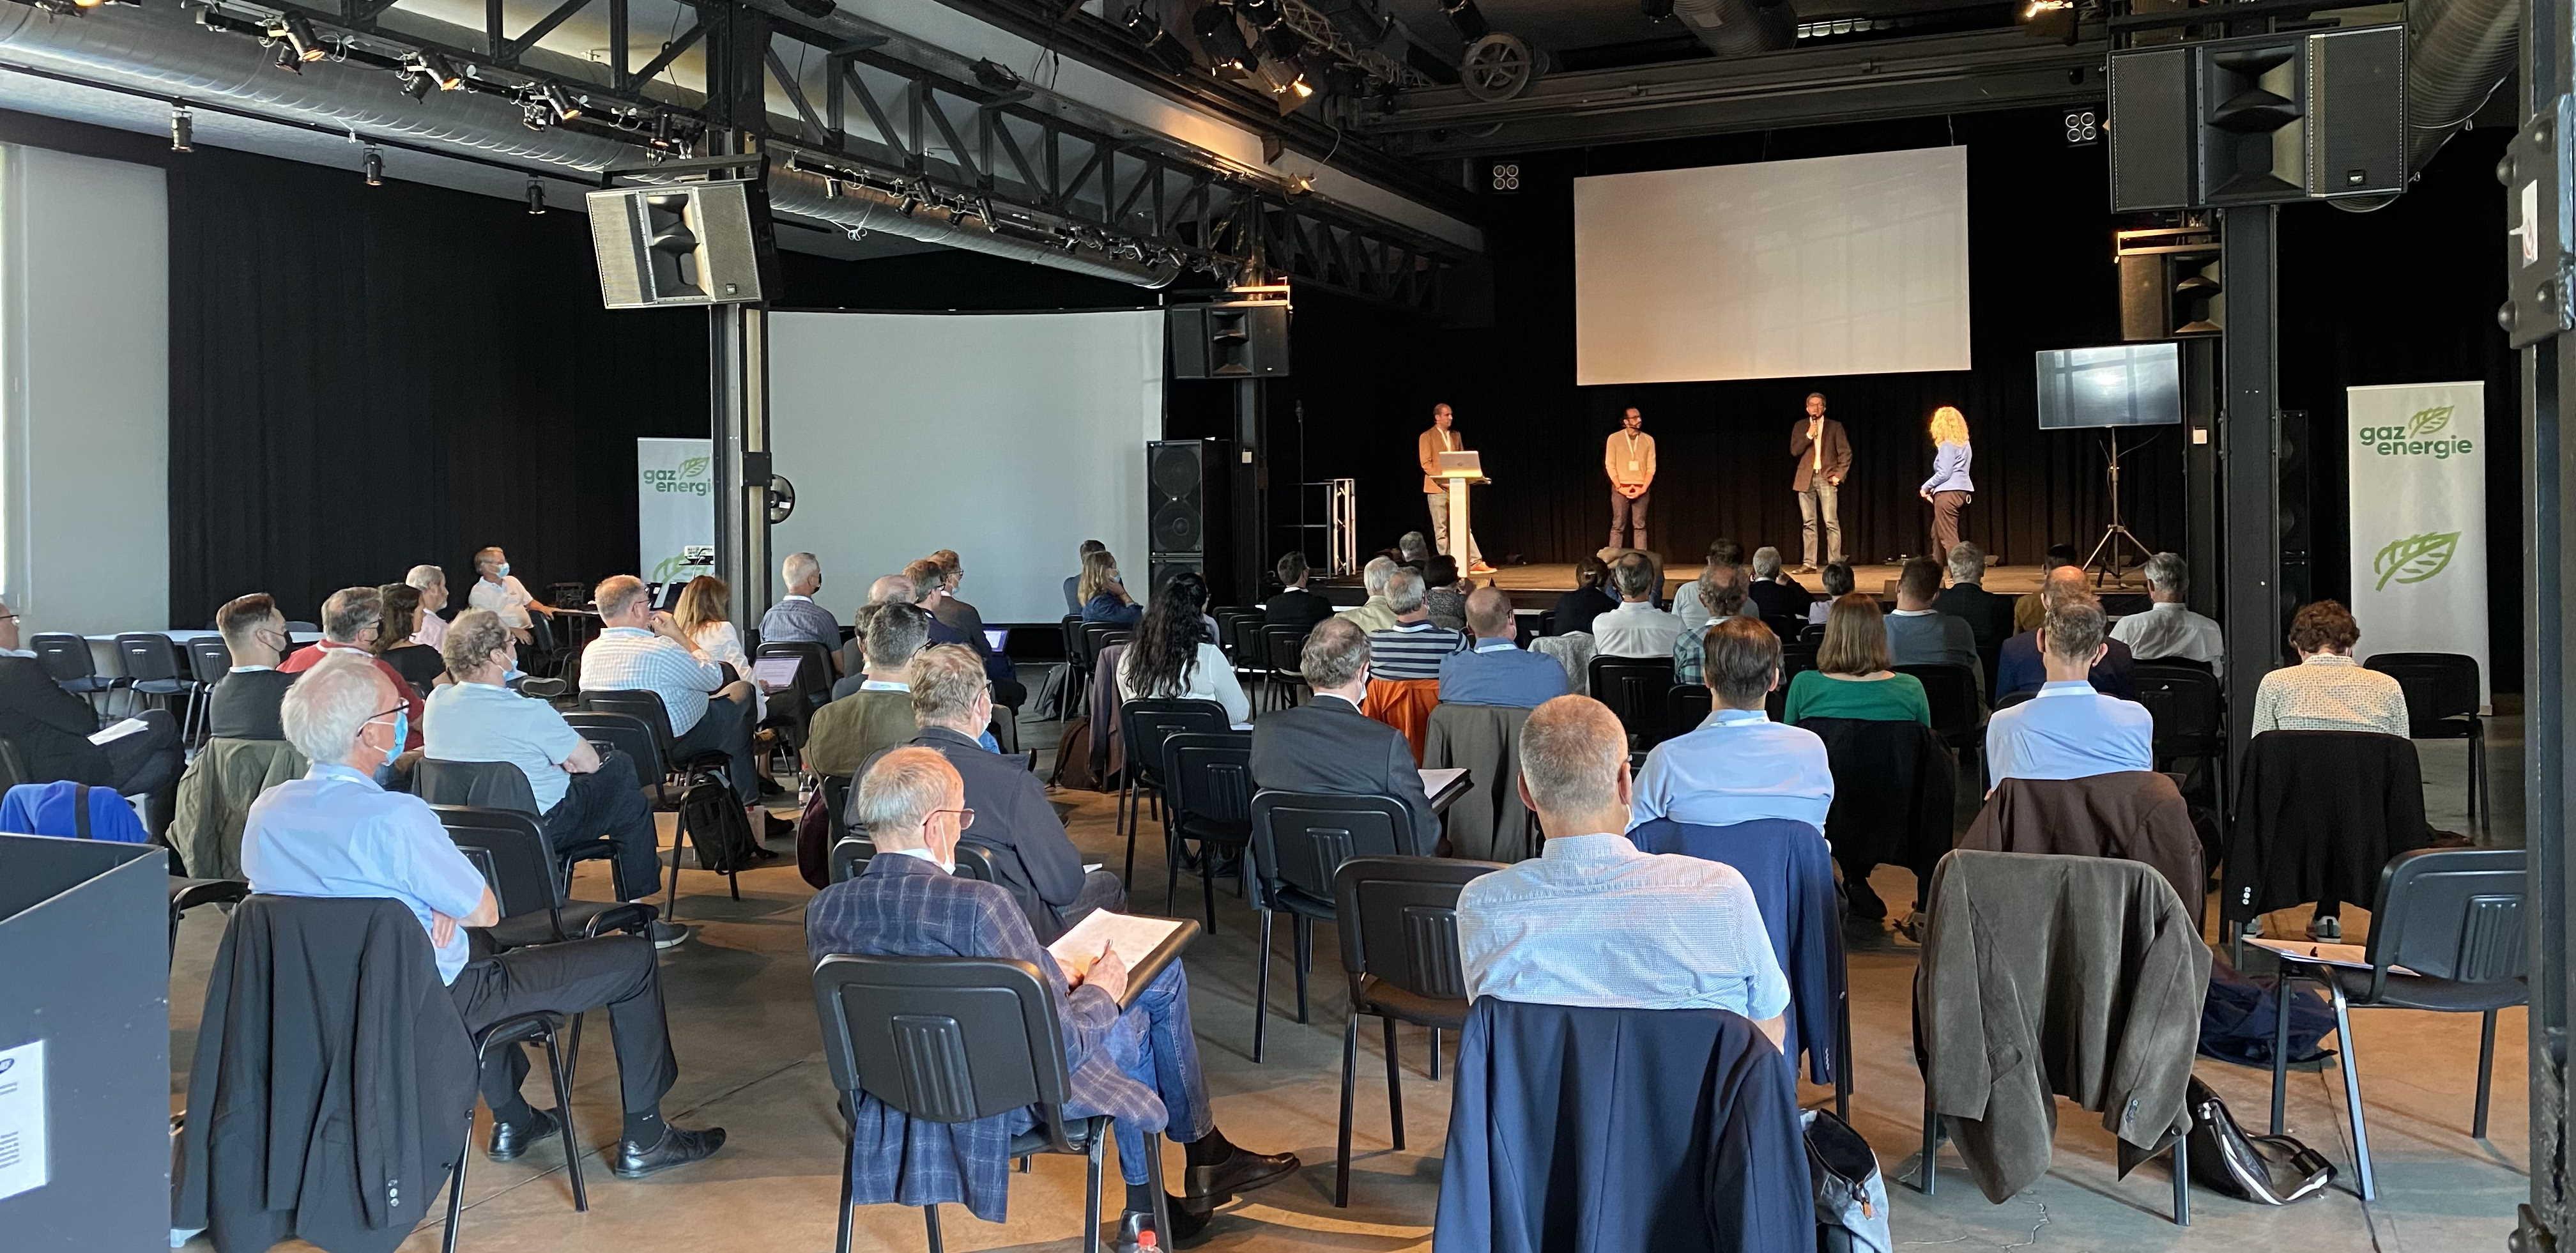 Die Veranstaltung bot einen Einblick in die Forschungsschwerpunkte der Schweizer Gasindustrie.